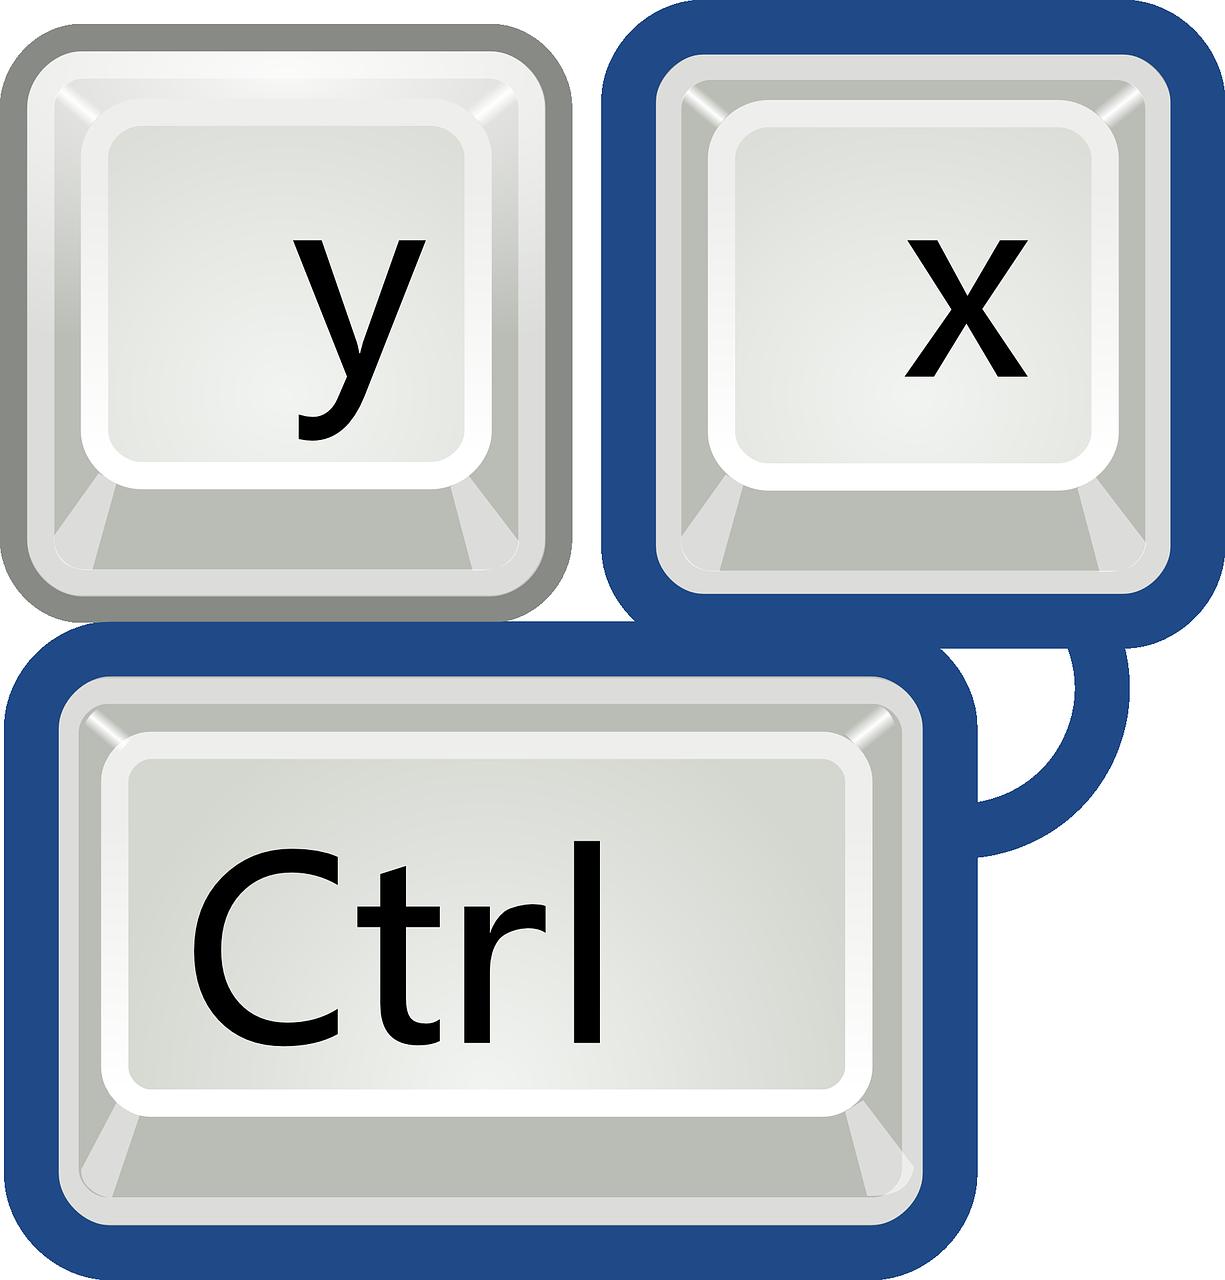 icône Raccourcis clavier